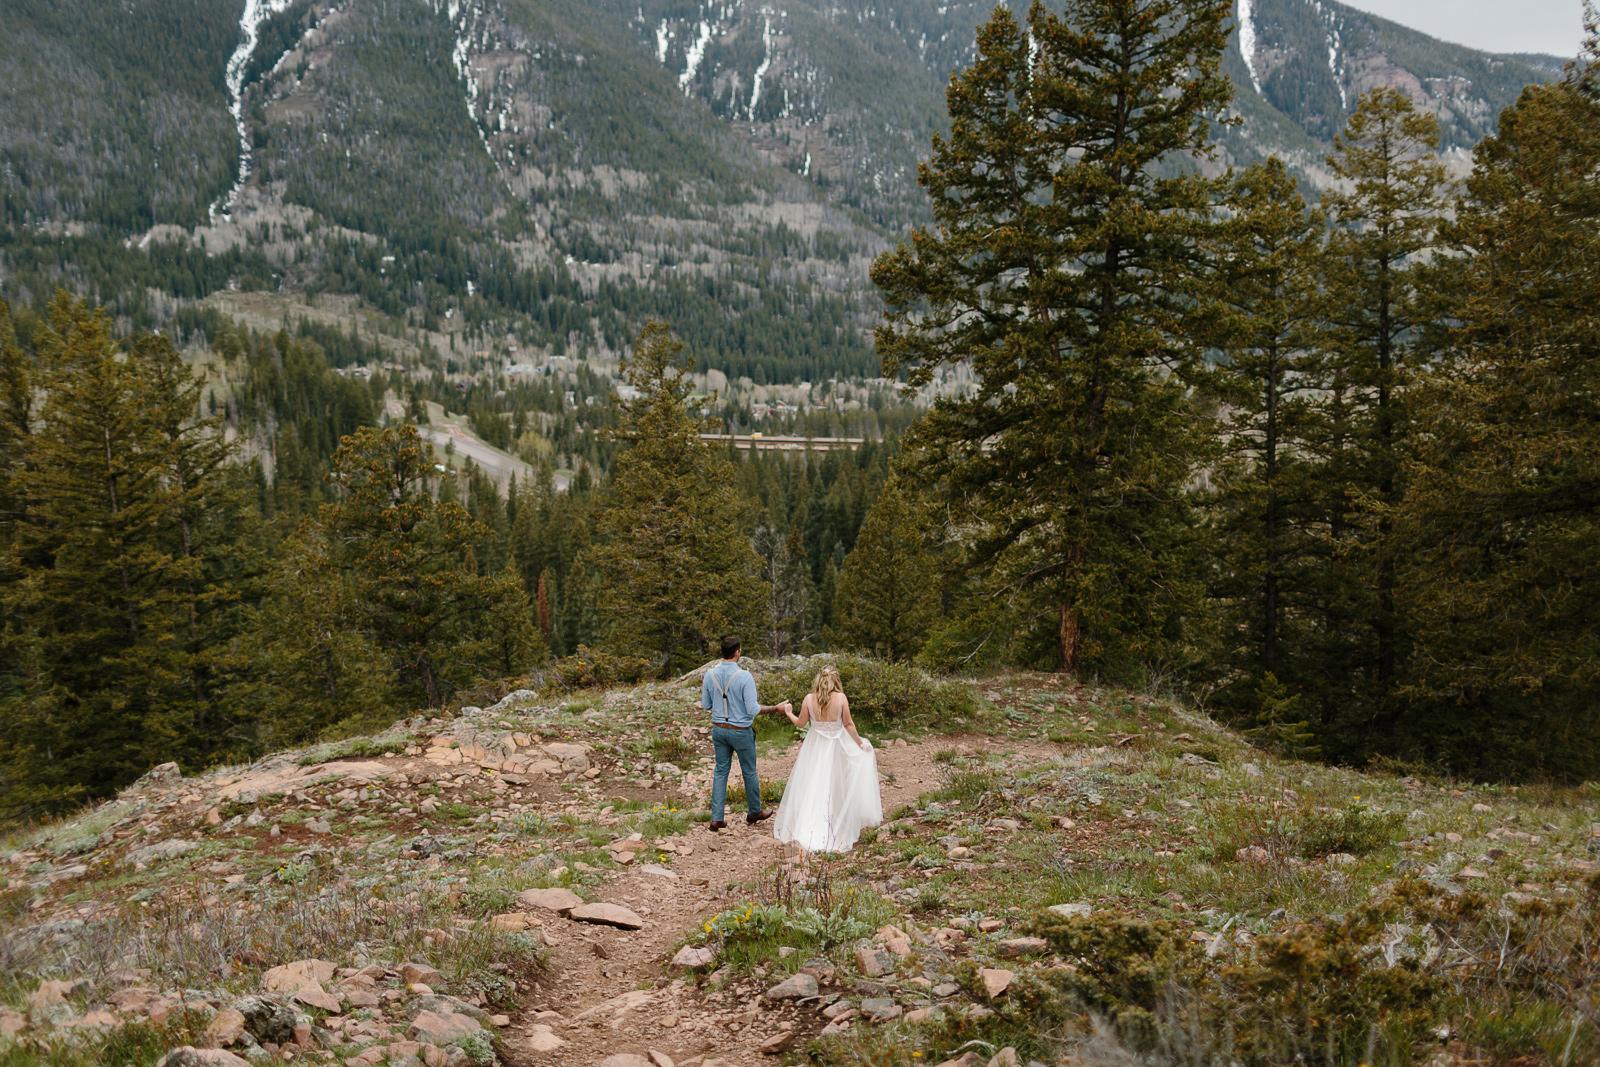 065-vail-elopement-photographer-chris-and-tara.jpg